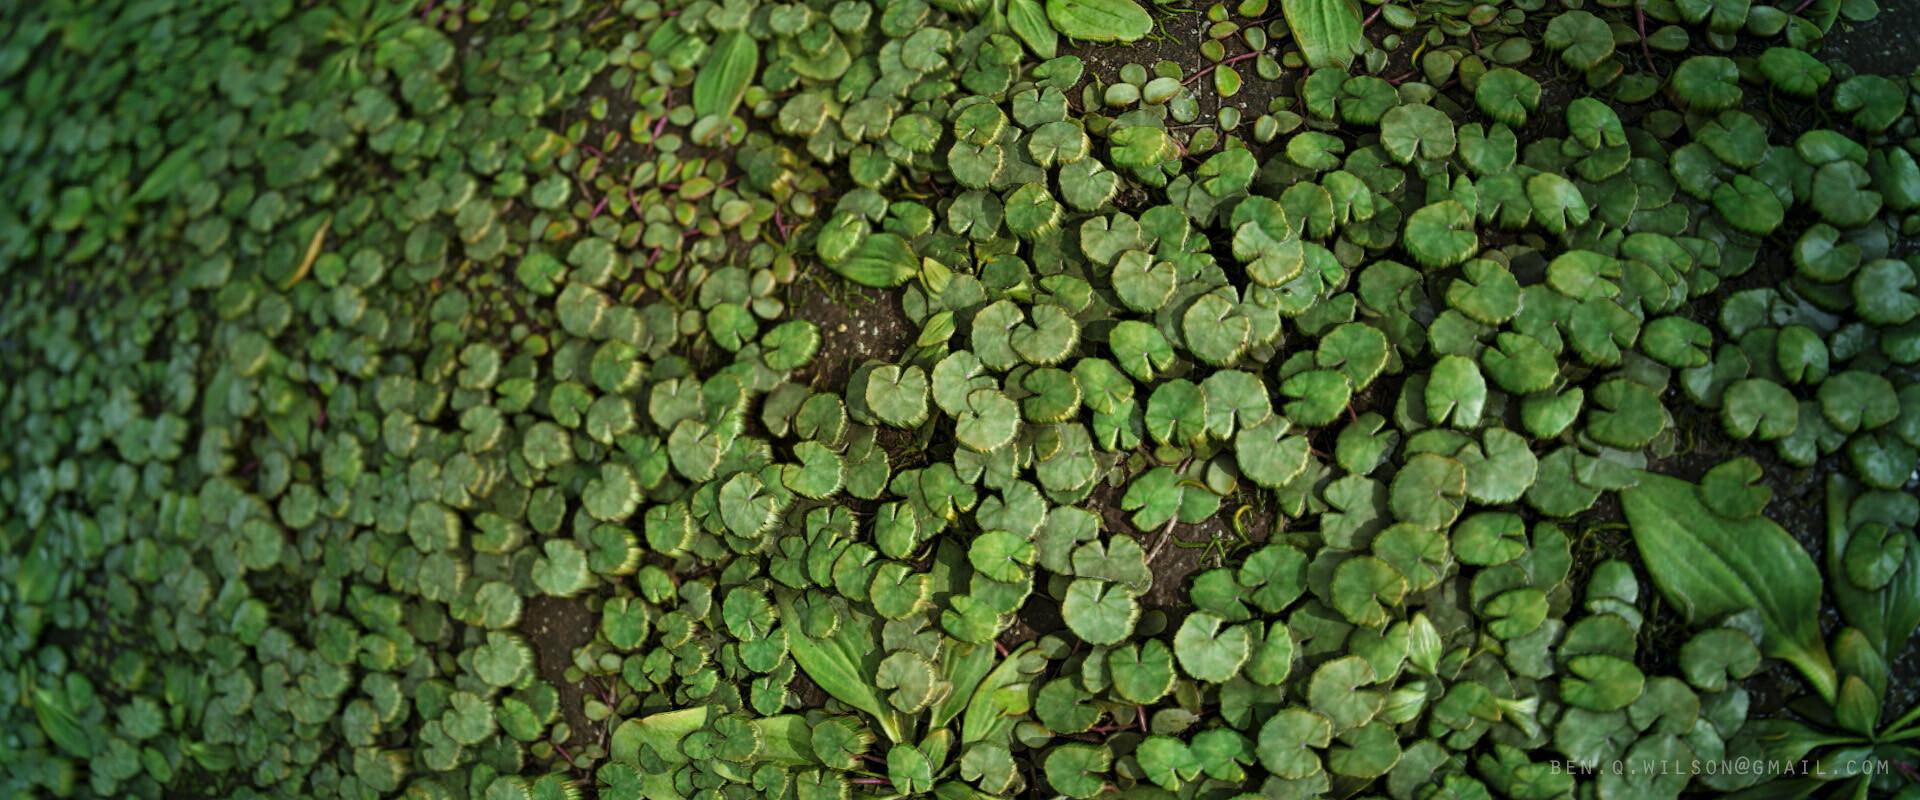 Ben wilson ground plants a 02